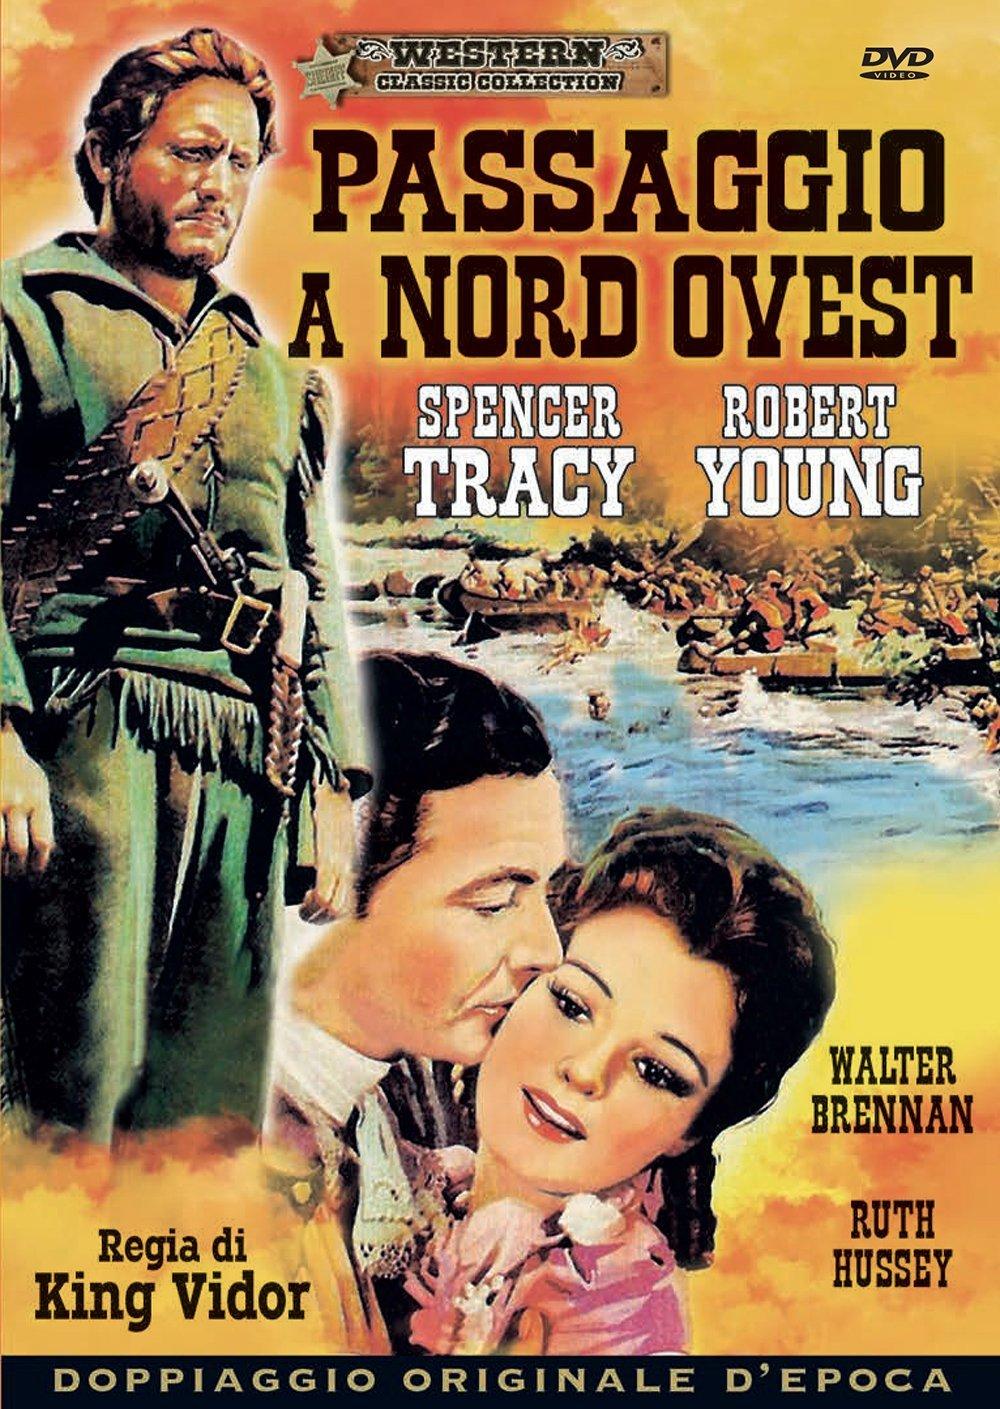 PASSAGGIO A NORD-OVEST (DVD)